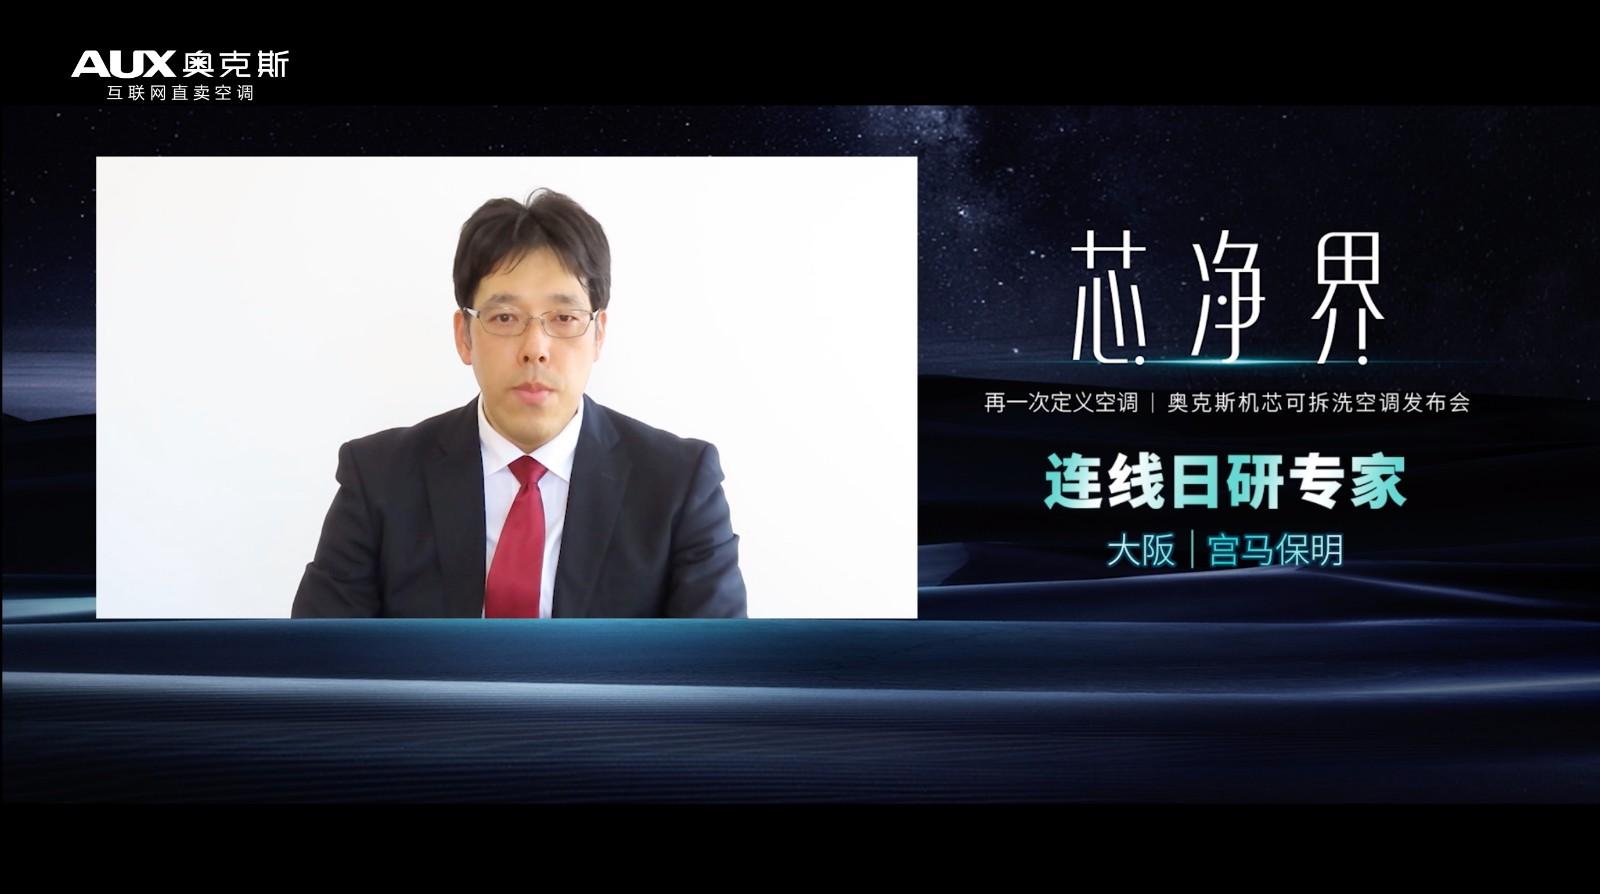 2、连线宫马保明讲述研发过程.jpg